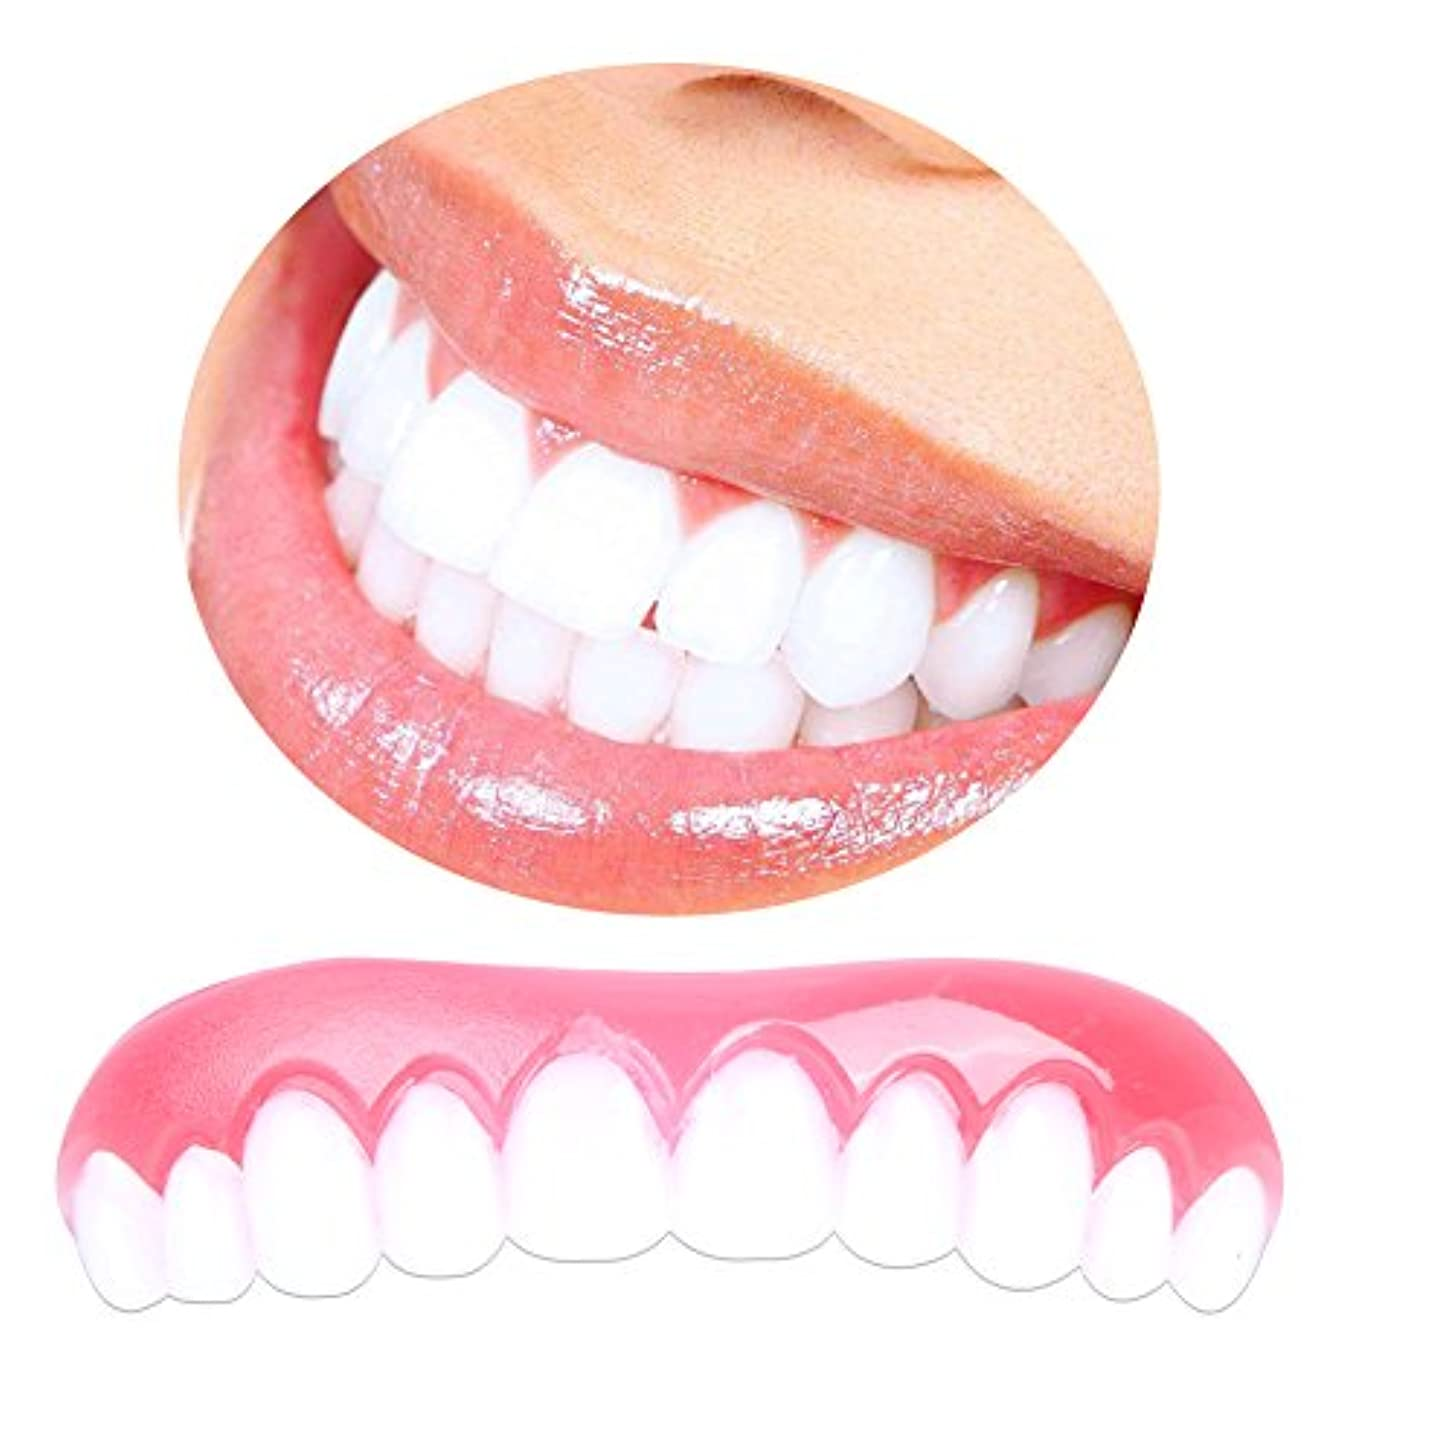 マーティフィールディング折面白いコンフォートフィットフレックス化粧品歯パーフェクトスマイルベニアダブの歯の矯正用ダブ歯用ホワイトパーフェクトスマイルベニア歯のホワイトニング-2個